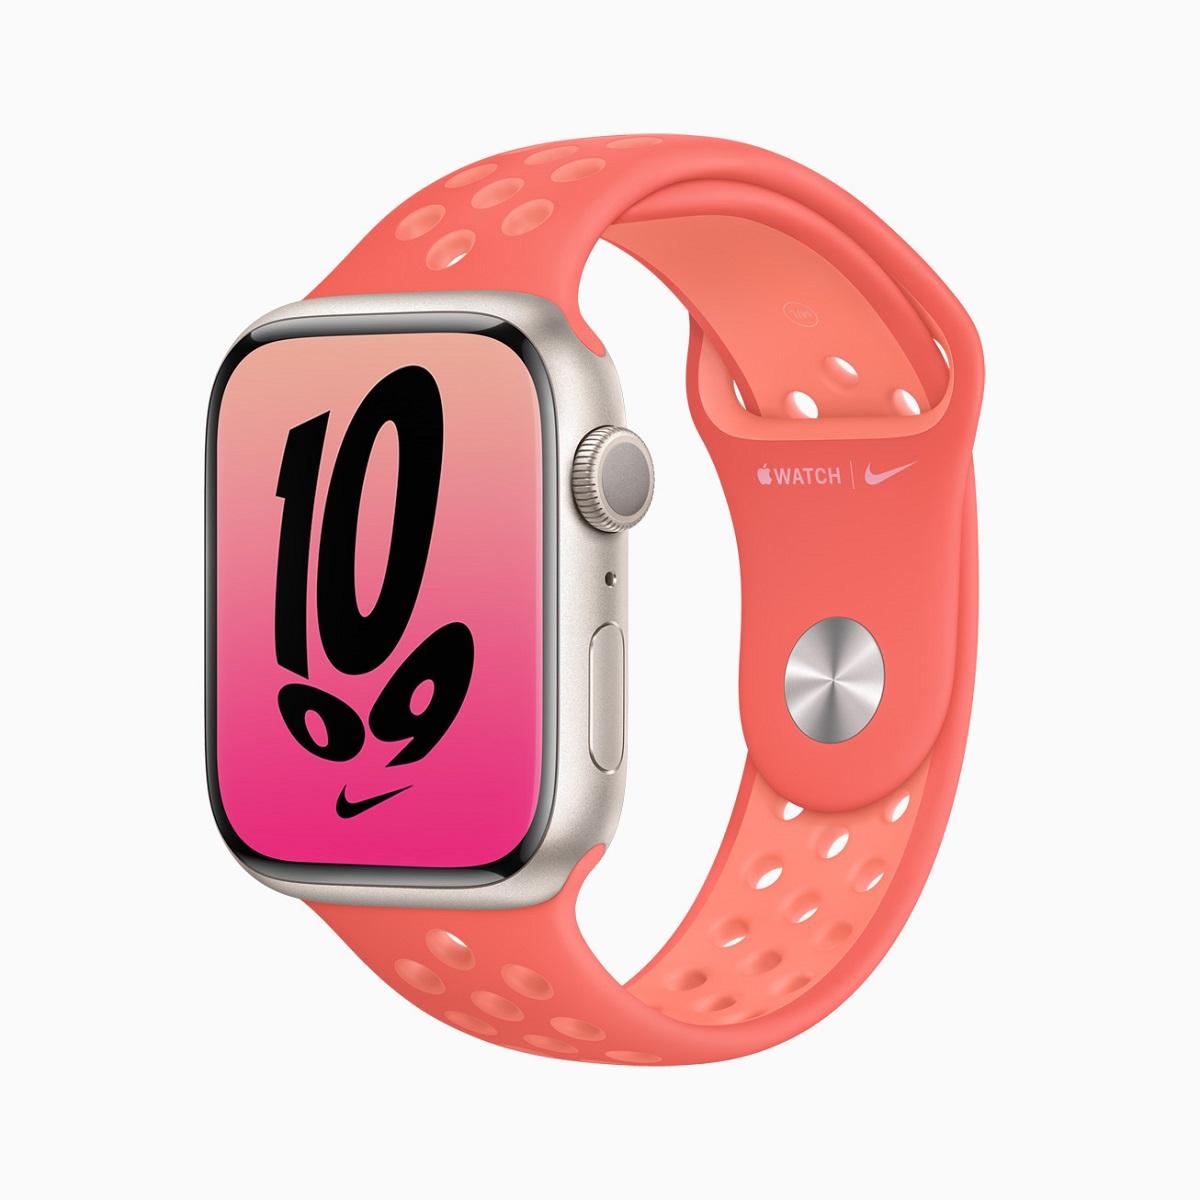 Спортивные ремешки Nike для Apple Watch осенью доступны в новых цветах, в том числе в цветах Magic Ember / Crimson Bliss.